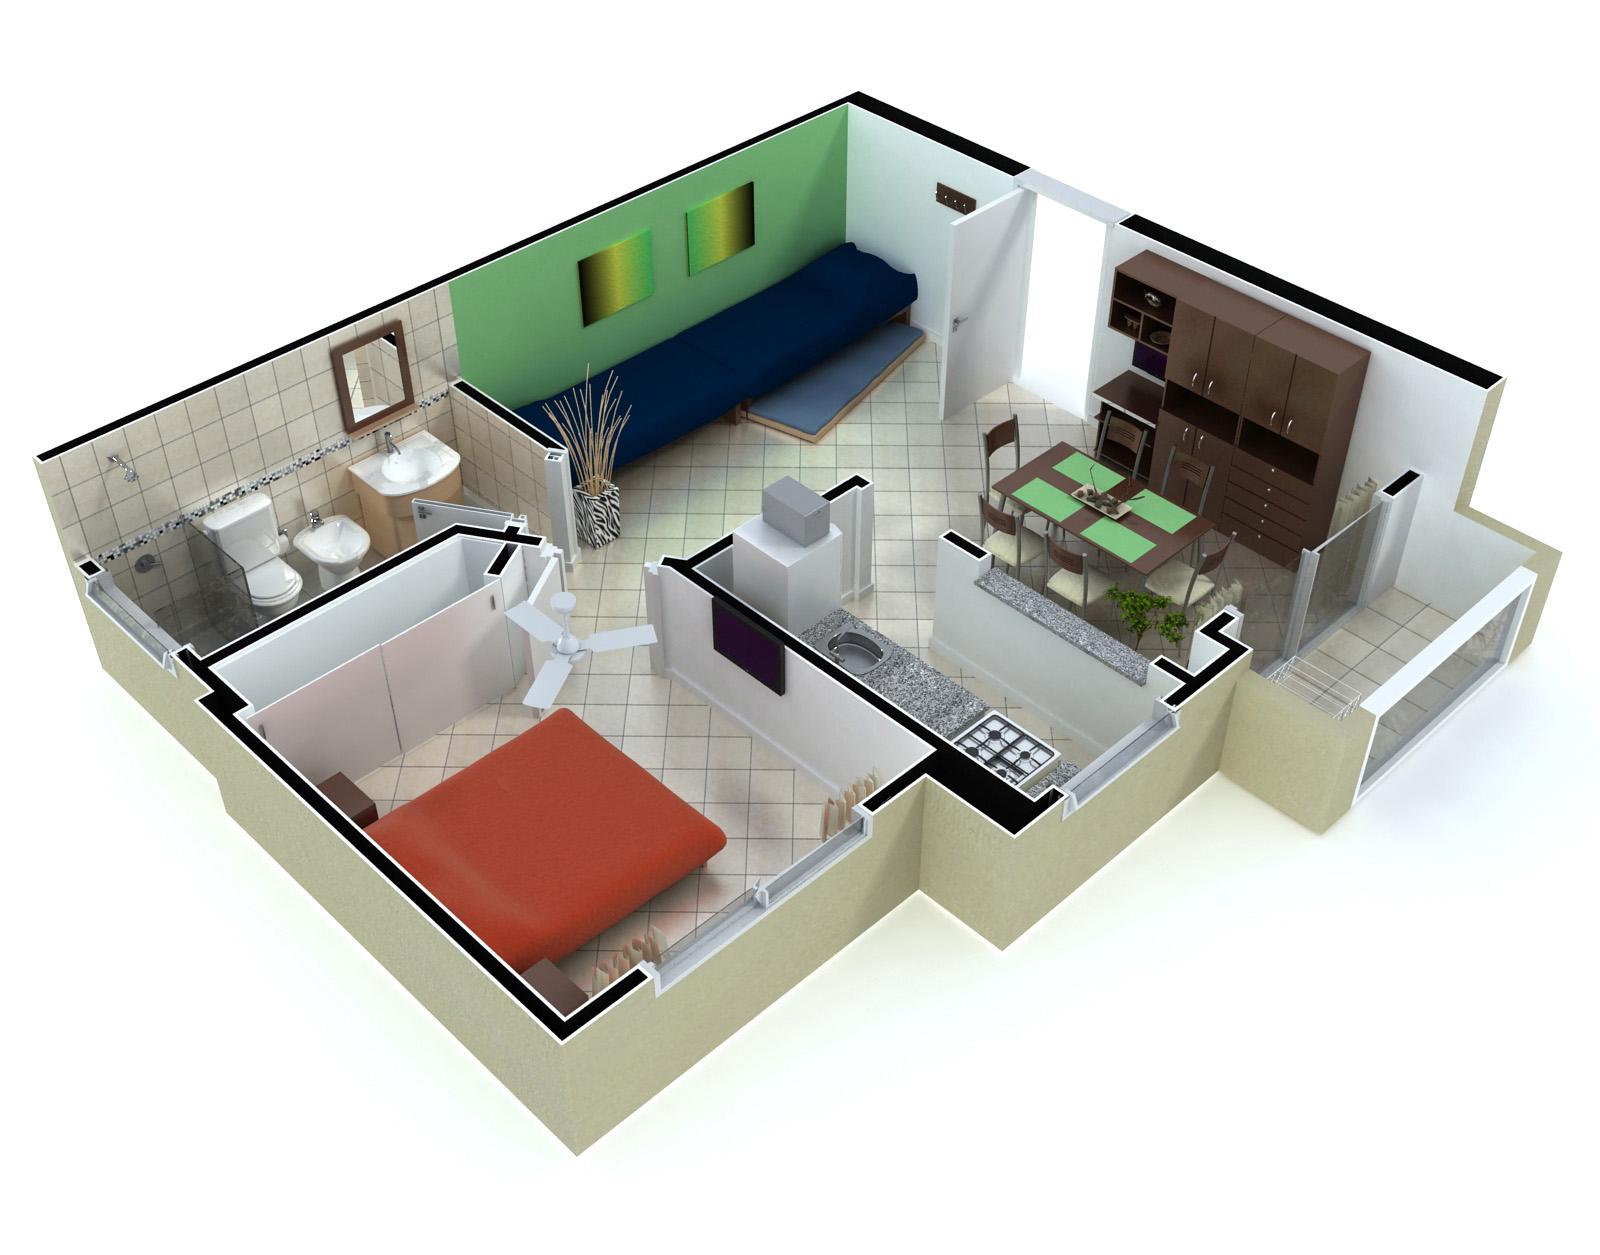 Planos de departamentos modernos en 3d for Planos de departamentos